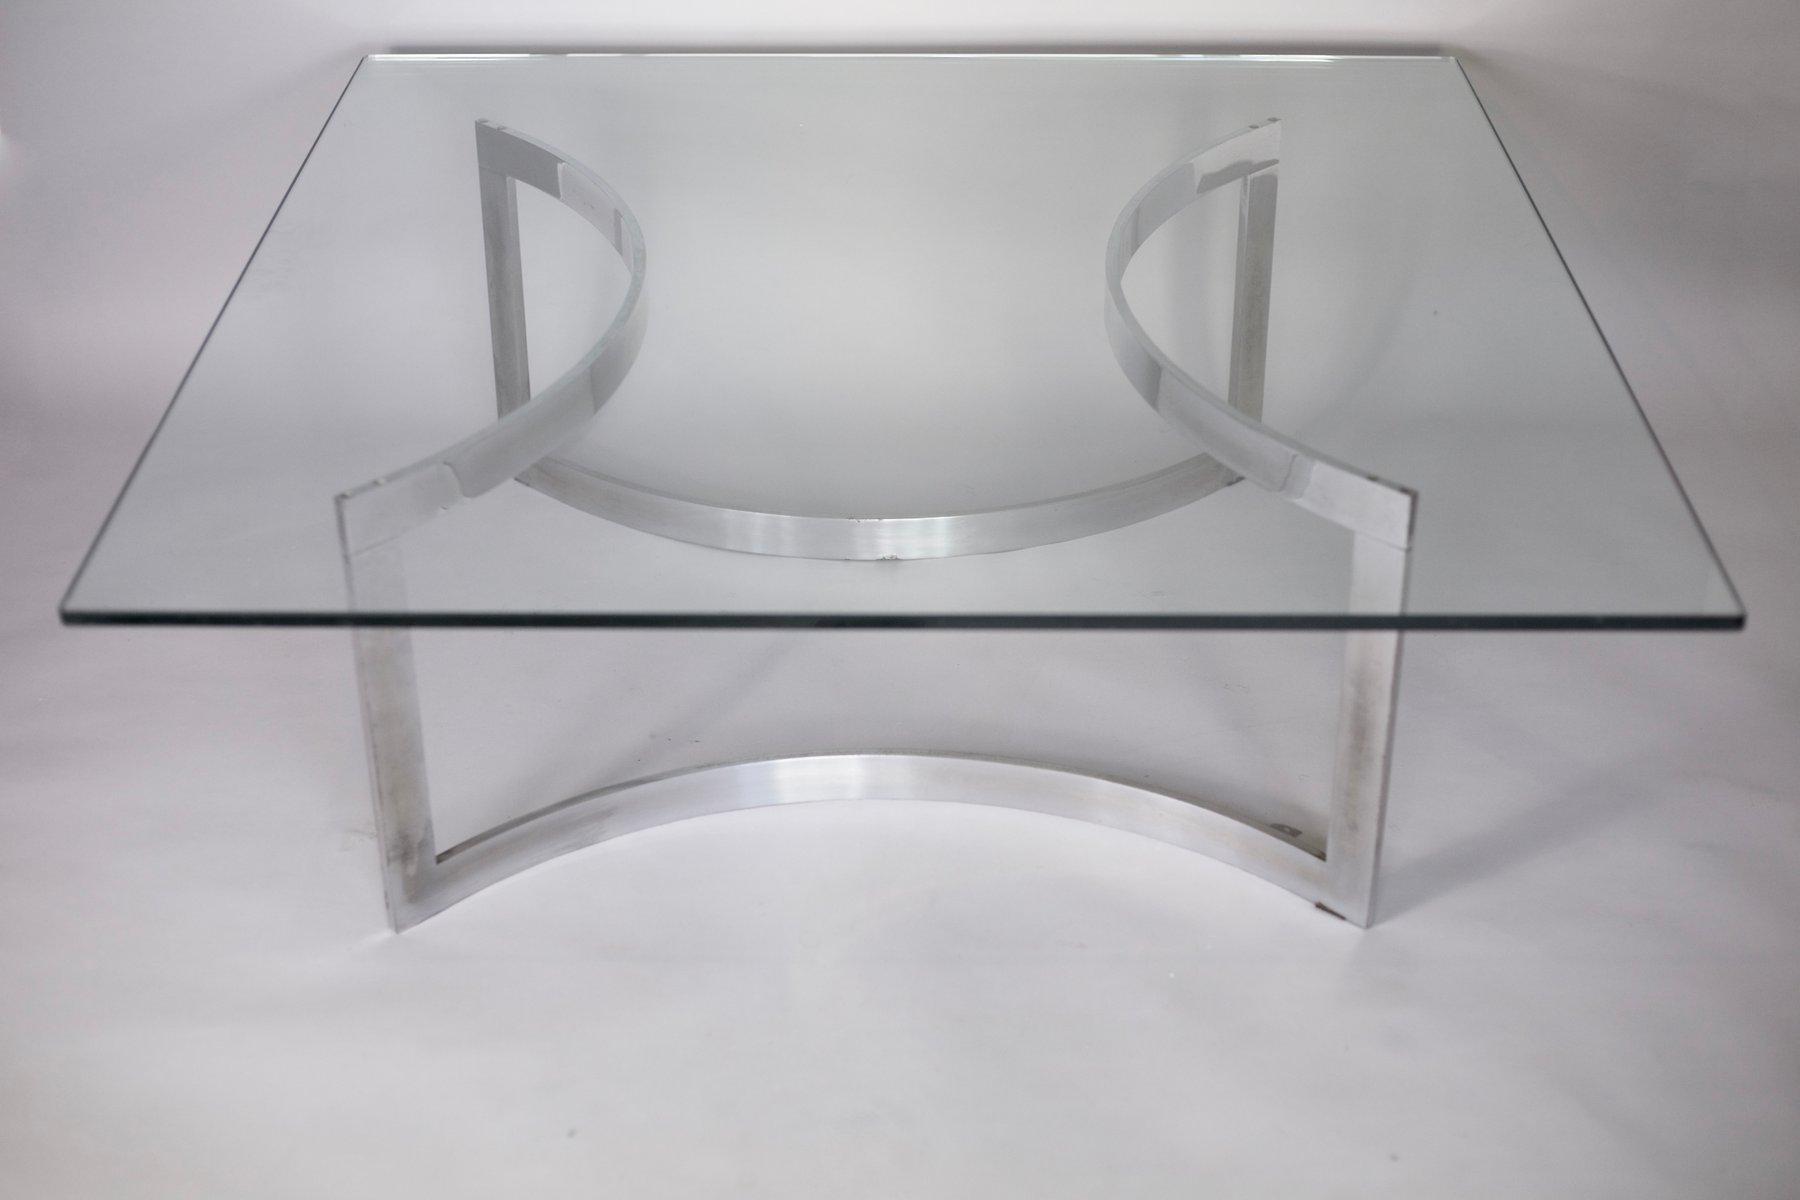 Tavolini In Vetro E Acciaio : Tavolino da caffè in acciaio cromato e vetro di dassas in